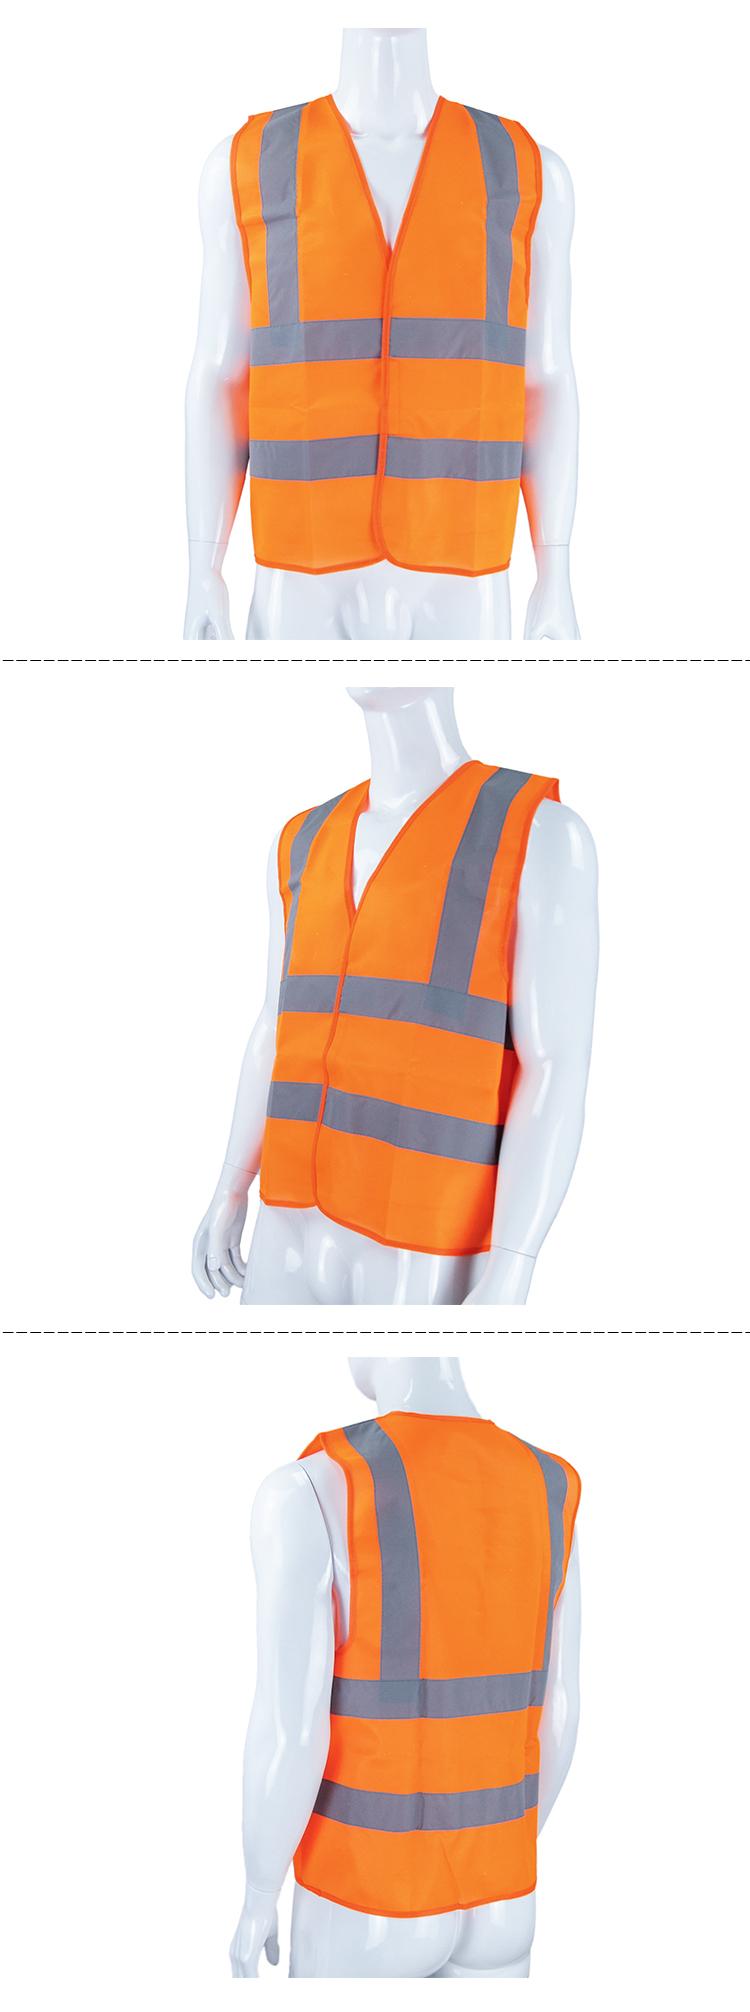 Safety Warning Vests